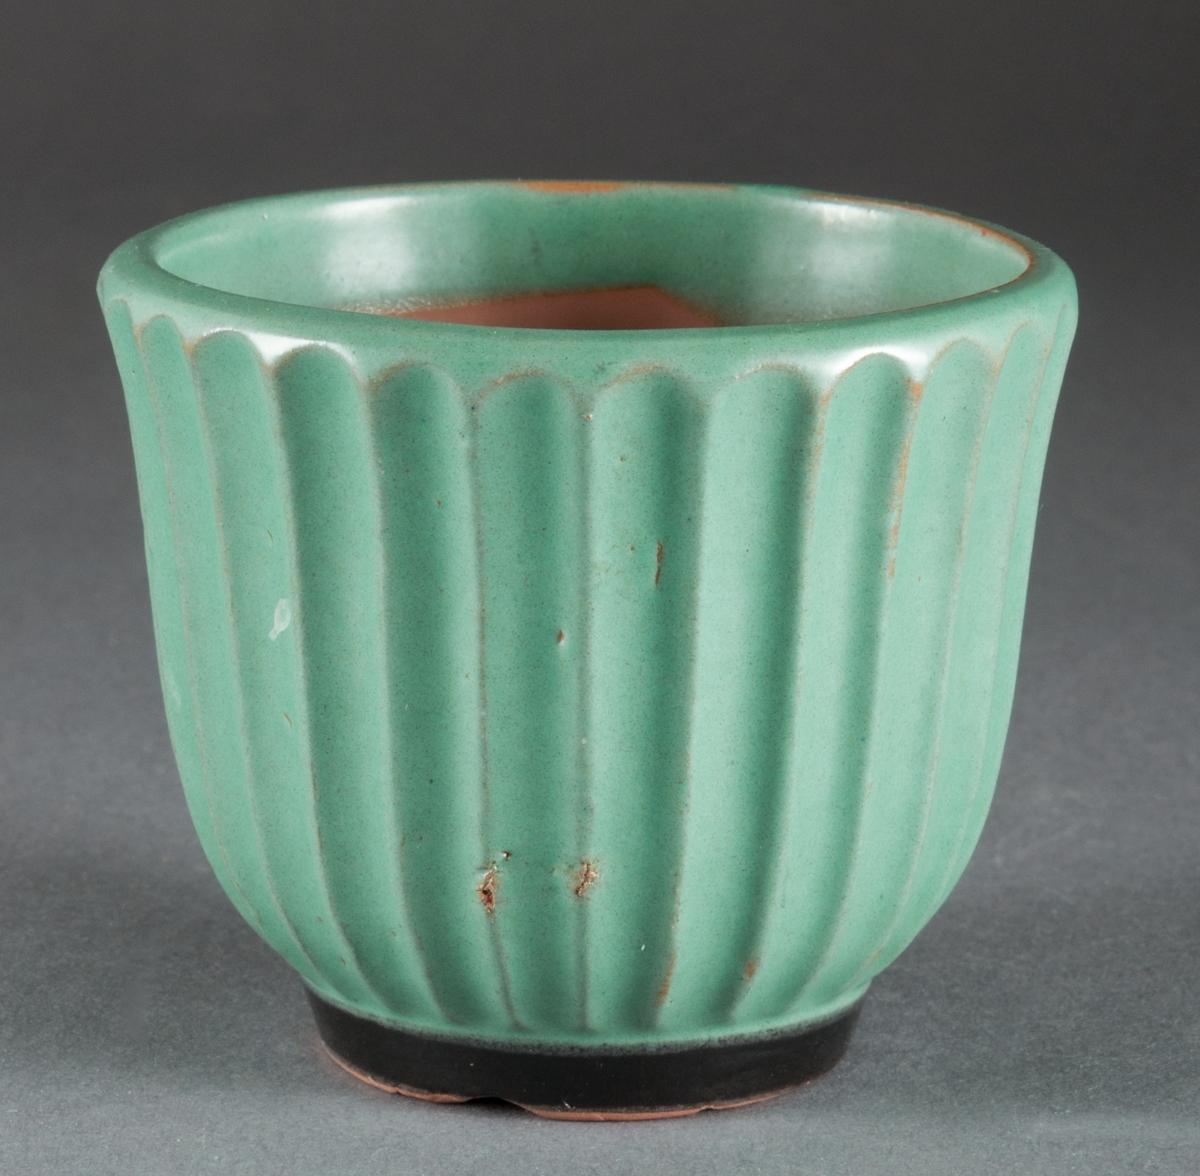 """Blomkruka tillverkad vid Bo Fajans i Gävle. Formgiven av Ewald Dahlskog. Modell """"Tellus"""", grön glasyr. Diverse märkningar i botten: Bo, Tellus 2, ED."""